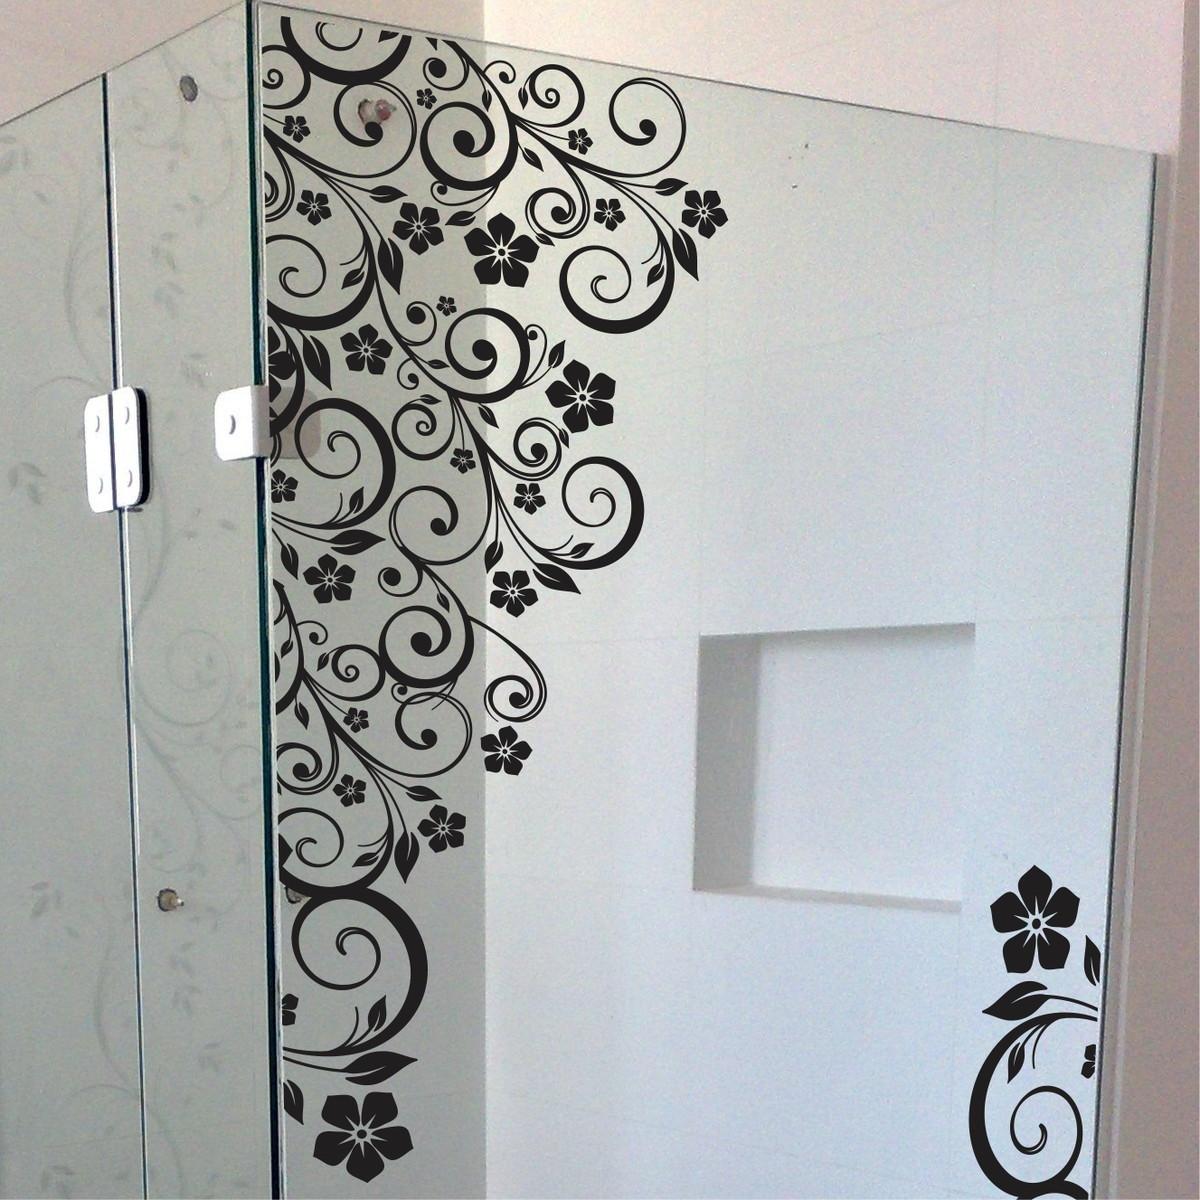 Imagens de #4E5C5F  banheiro floral blindex decoracao banheiro adesivo box banheiro floral 1200x1200 px 3520 Blindex Banheiro Valor